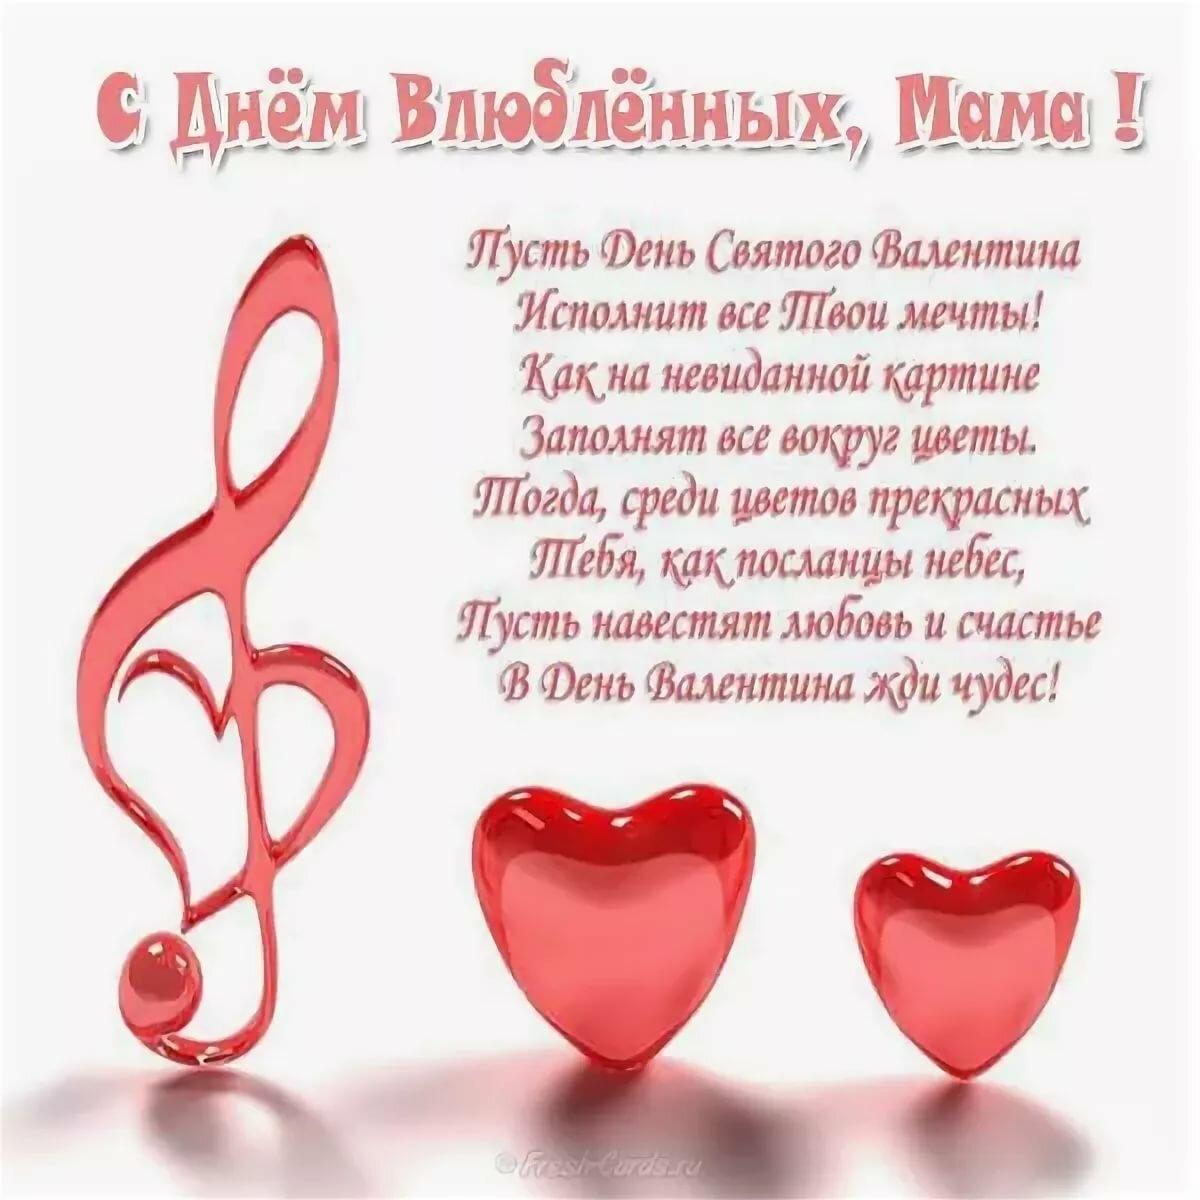 Поздравления для открыток святой валентина